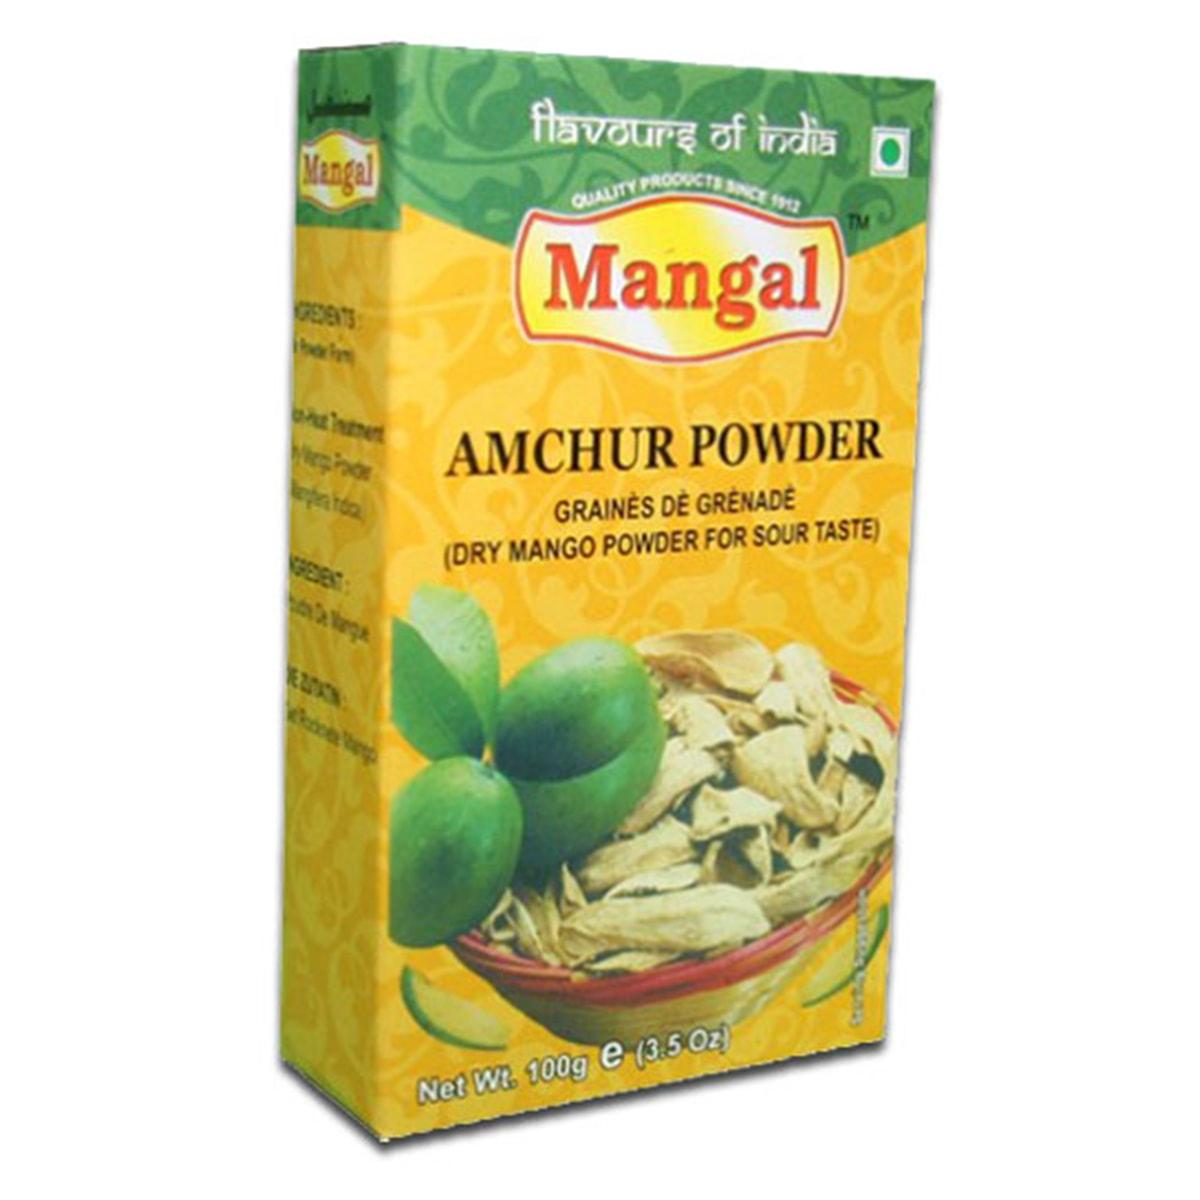 Buy Mangal Amchur Powder - 100 gm